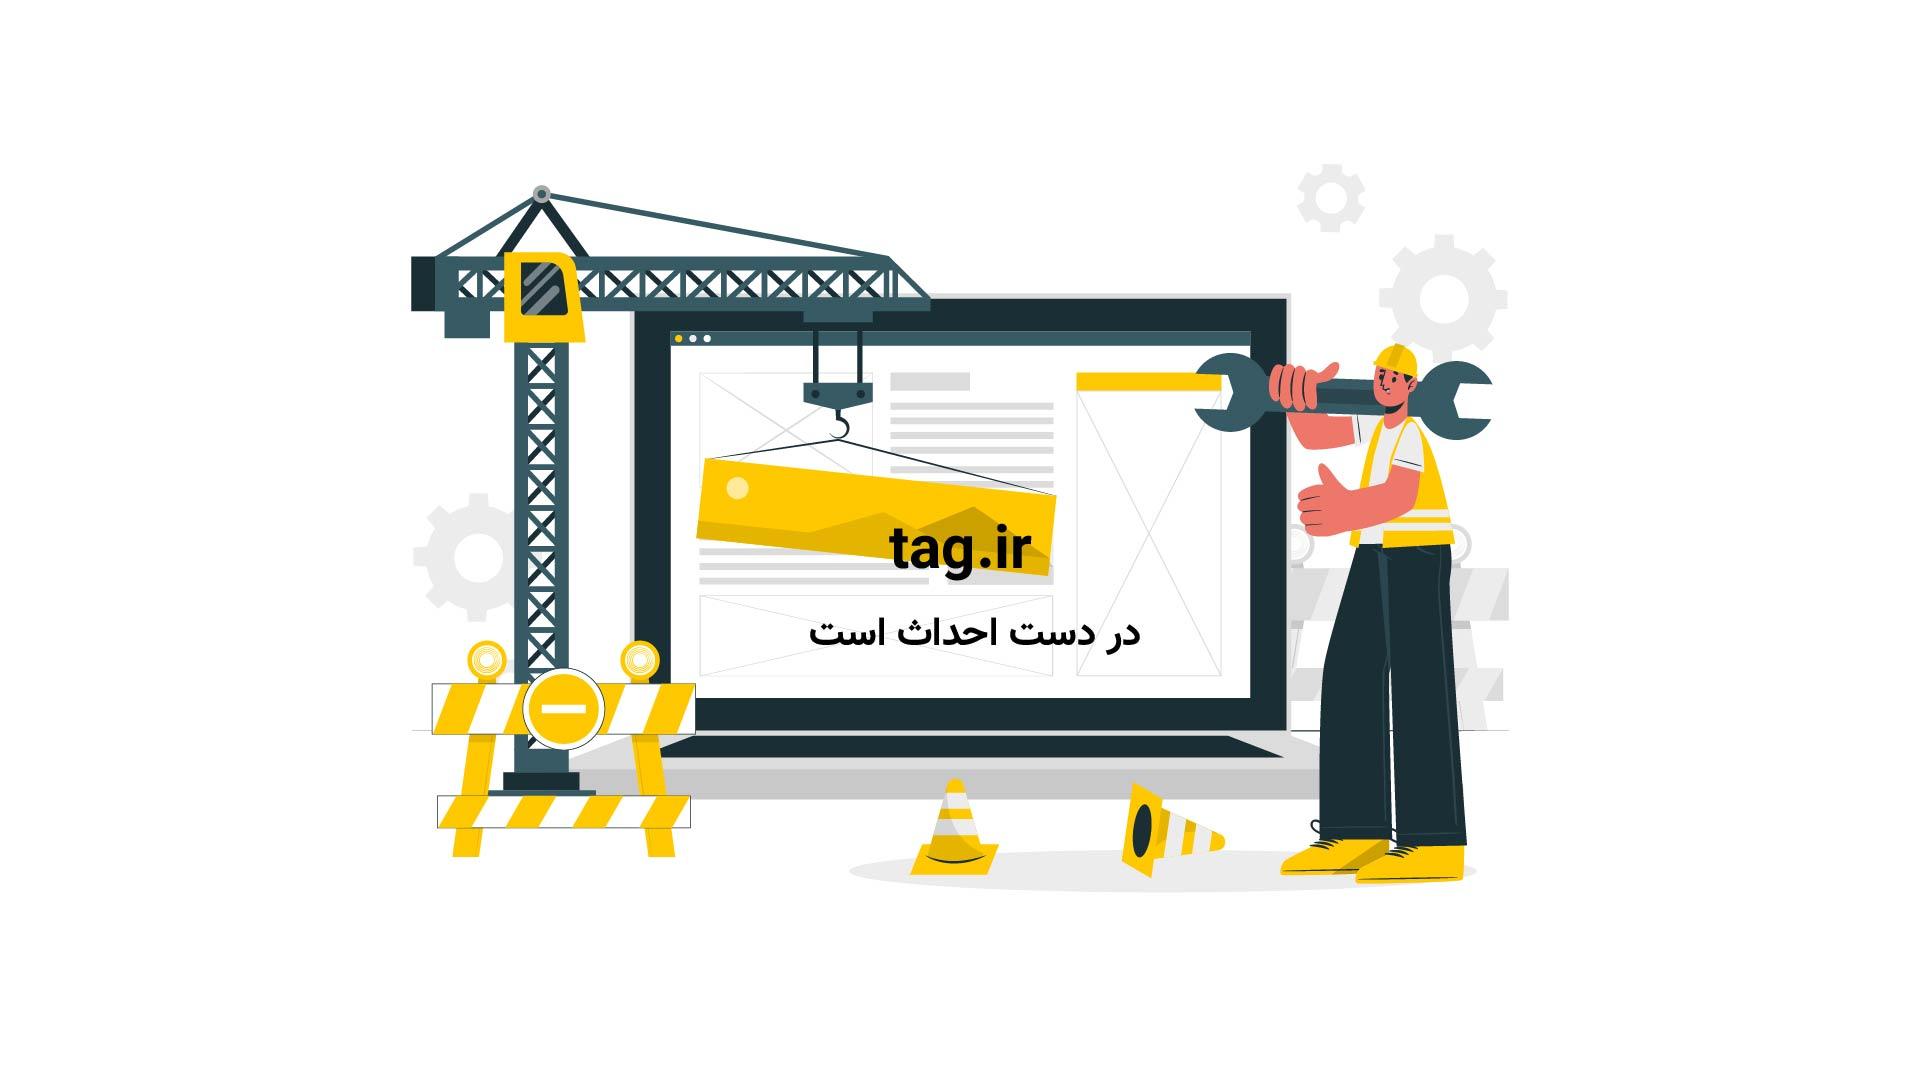 سرقت از بانک | تگ